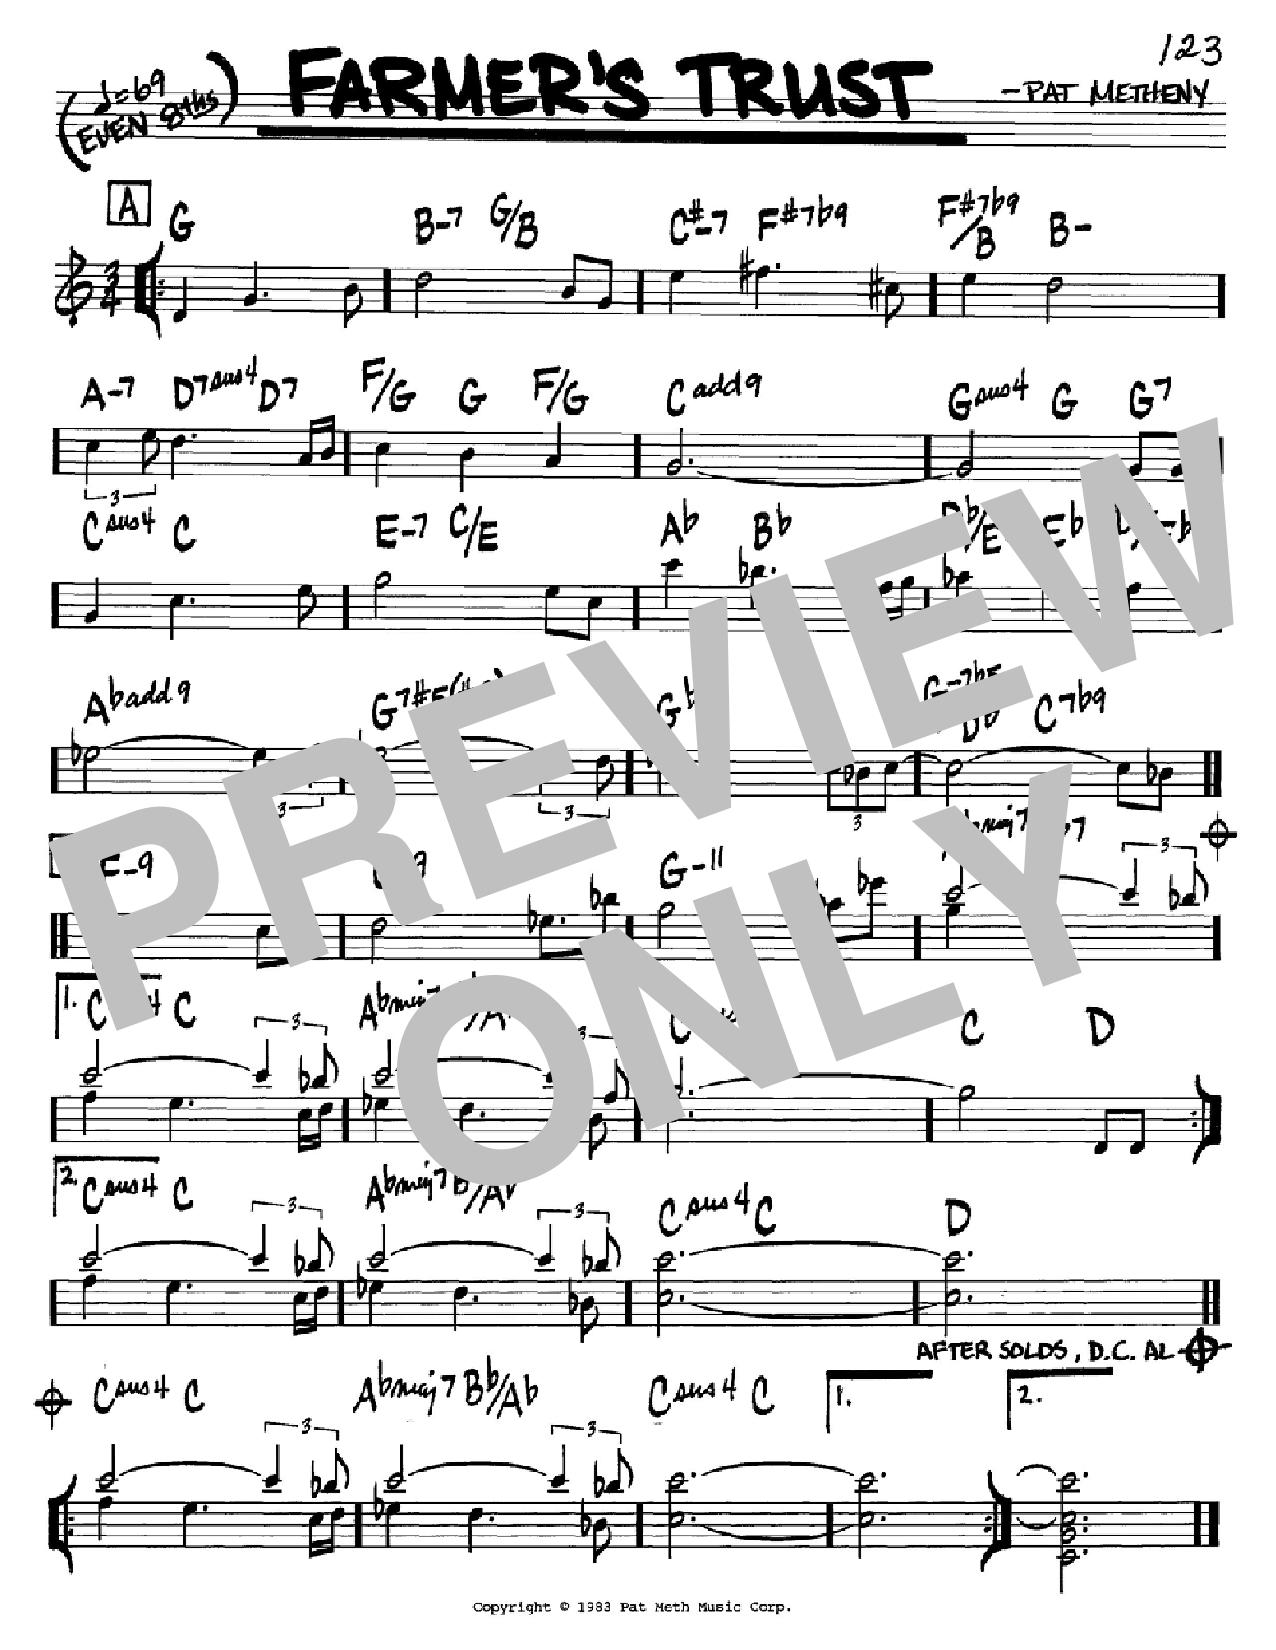 Partition autre Farmer's Trust de Pat Metheny - Real Book, Melodie et Accords, Inst. En Do